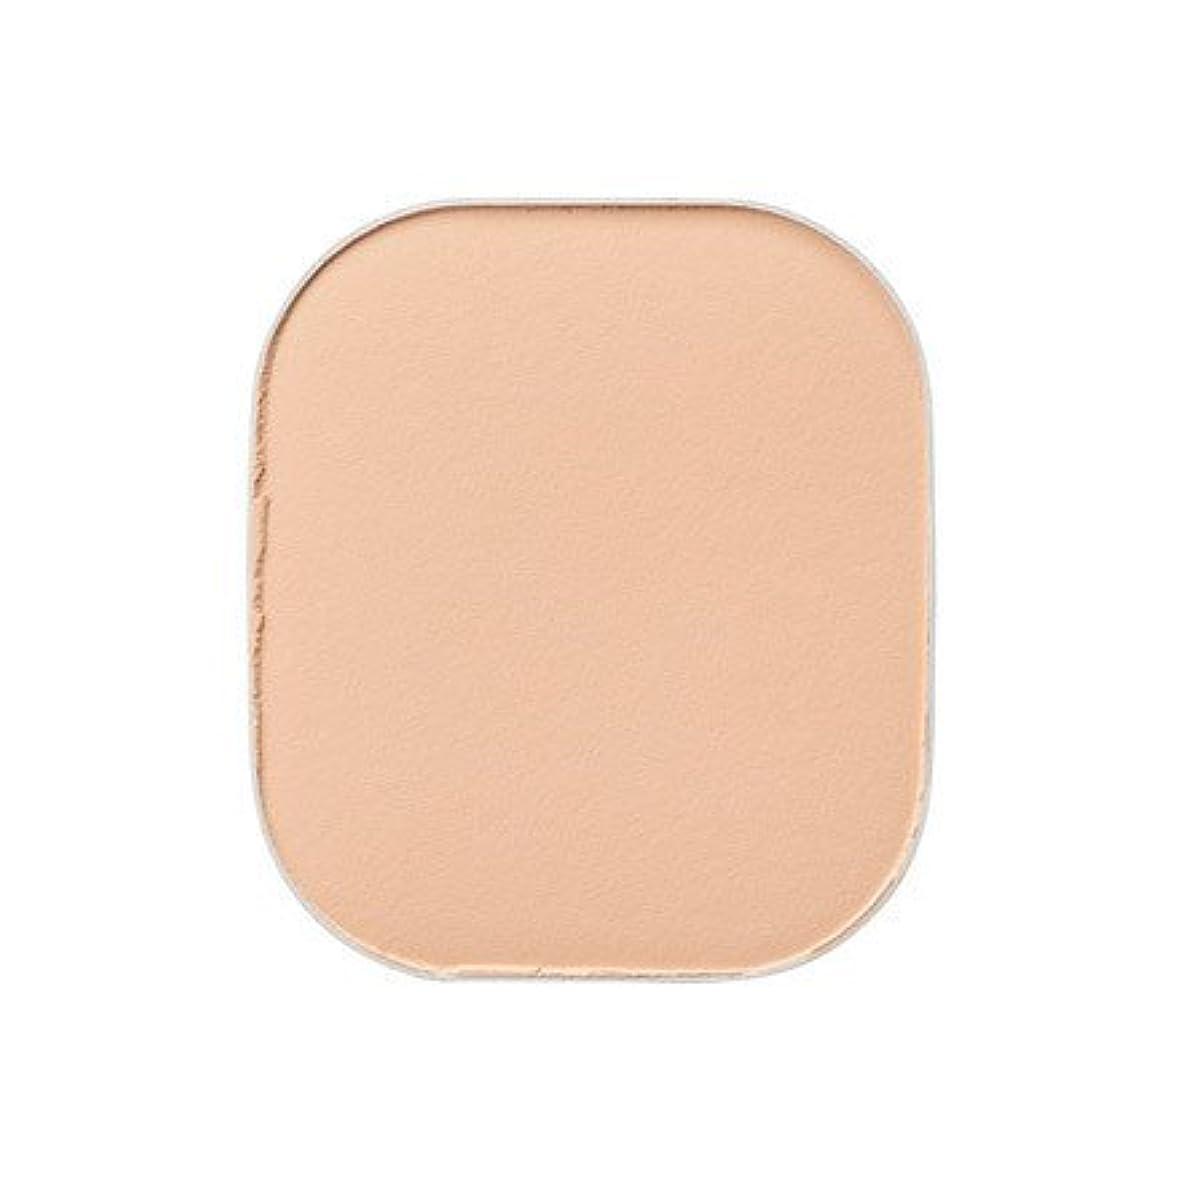 申し込む特徴づける取り扱いトワニー フロスティホワイト パクト(レフィル) ピンクオークル-B(10g)